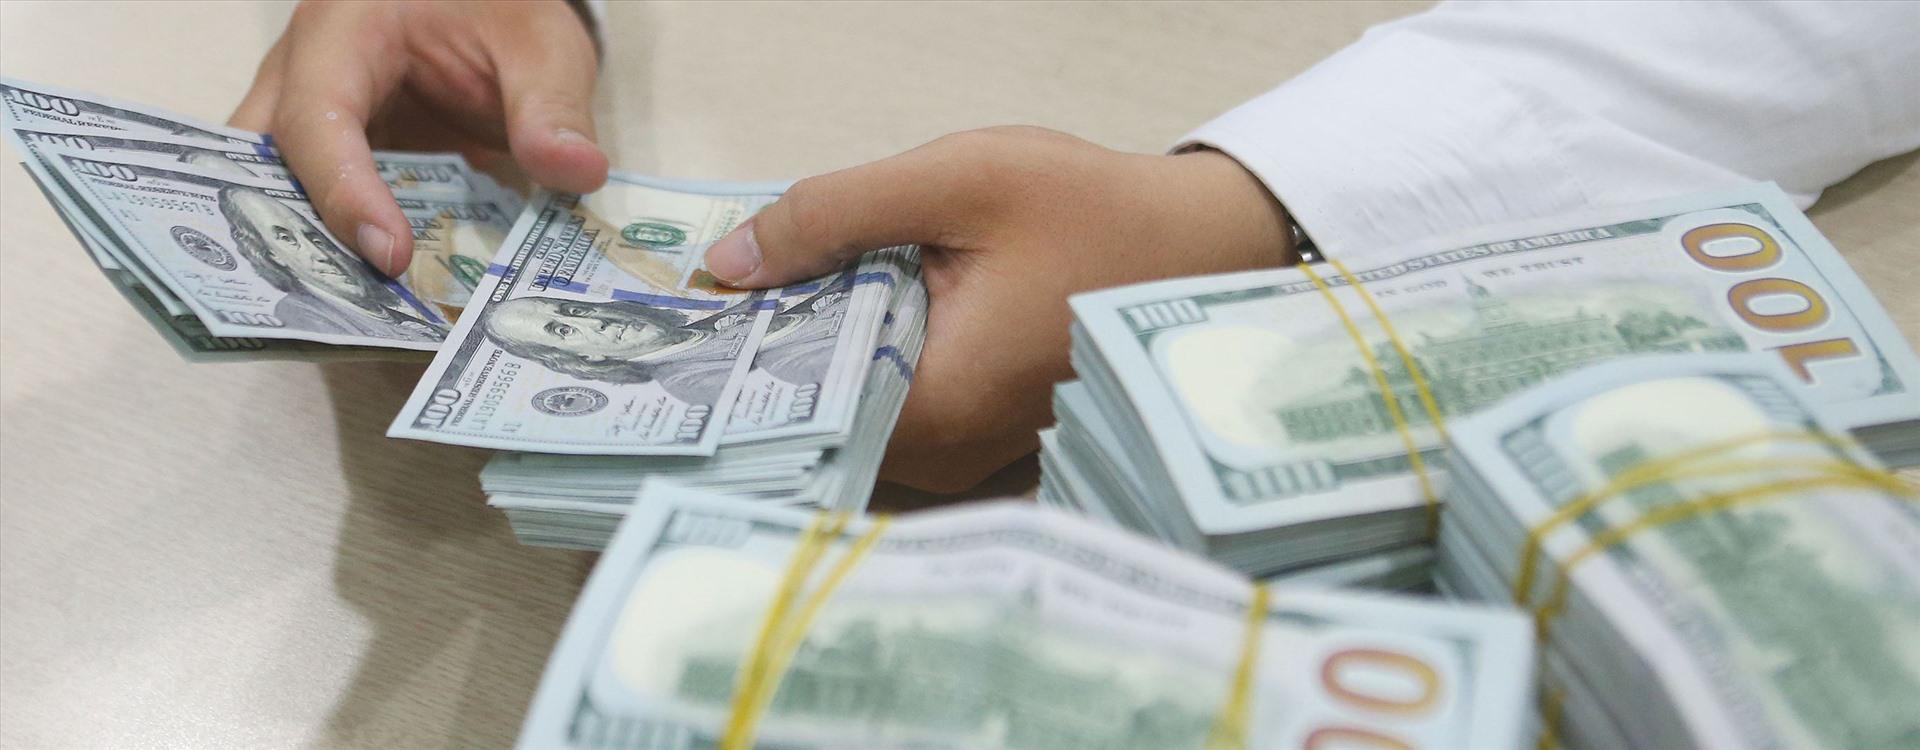 Tỷ giá ngoại tệ 24.2: USD cao chót vót đỉnh 5 tháng, COVID-19 gây lo ngại - xs thứ sáu